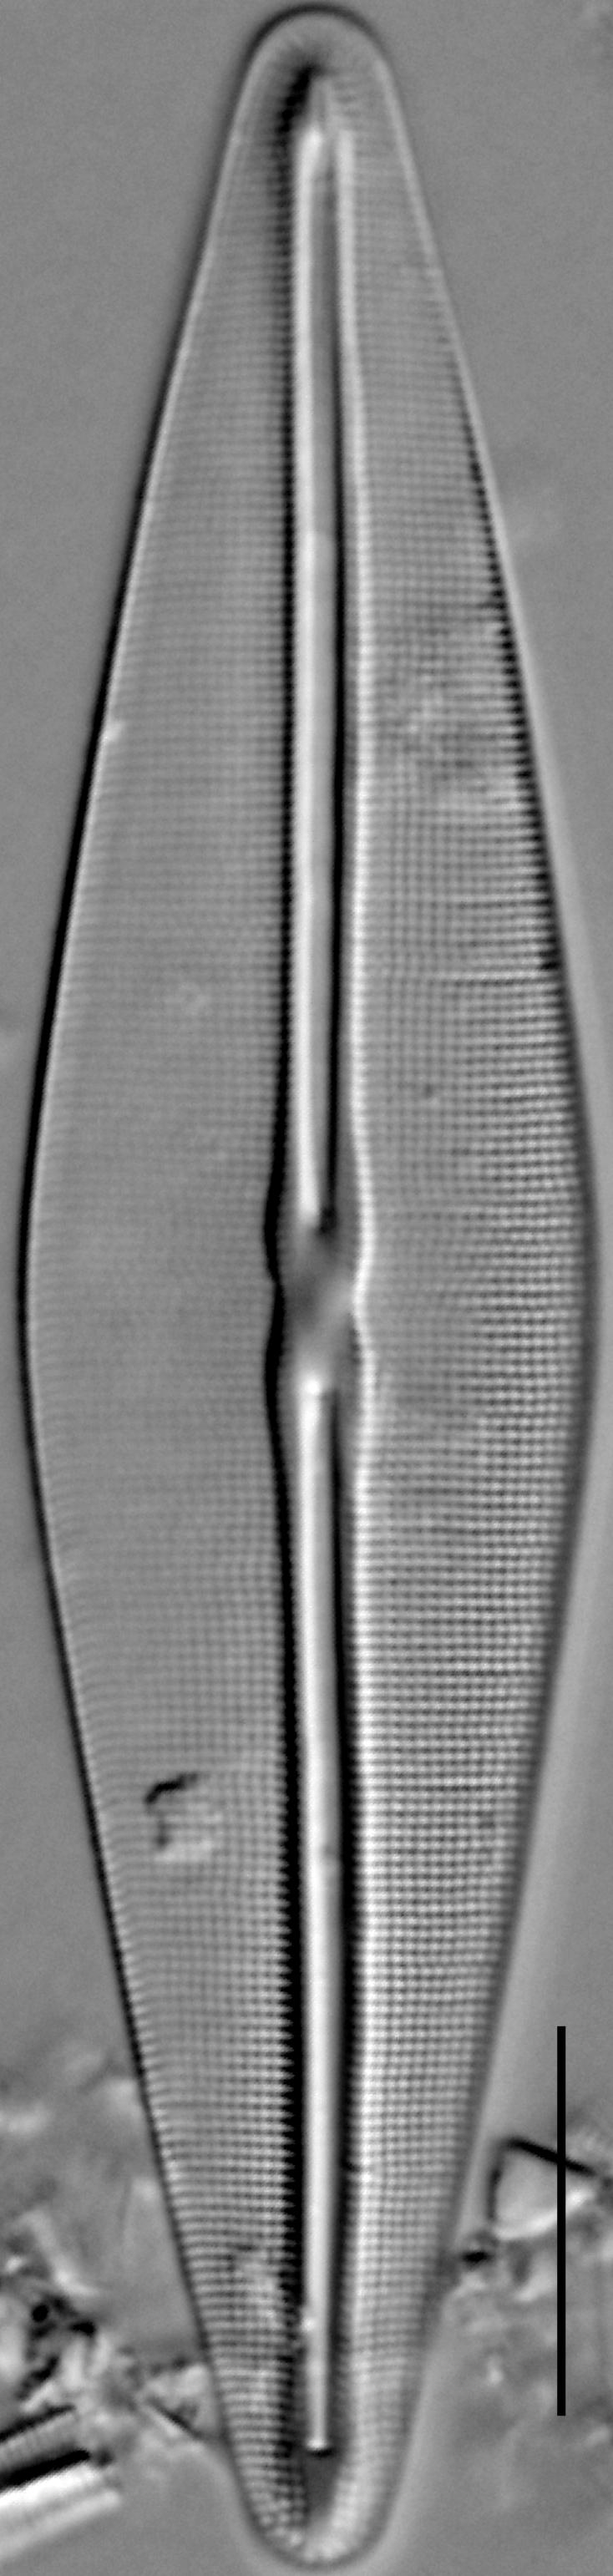 Frustulia saxonica LM4